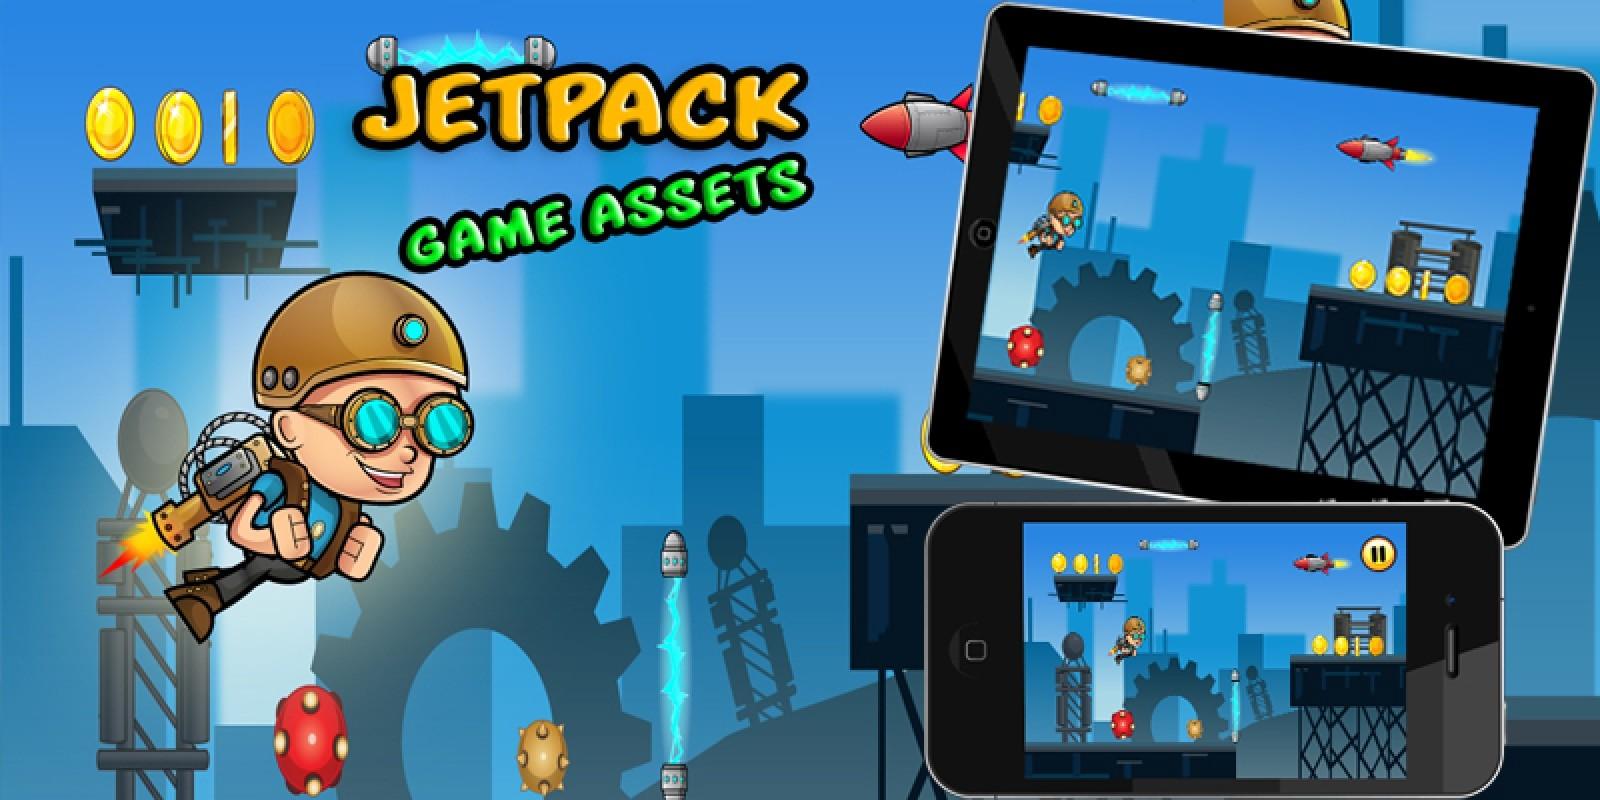 Jetpack Boy Game assets Kit